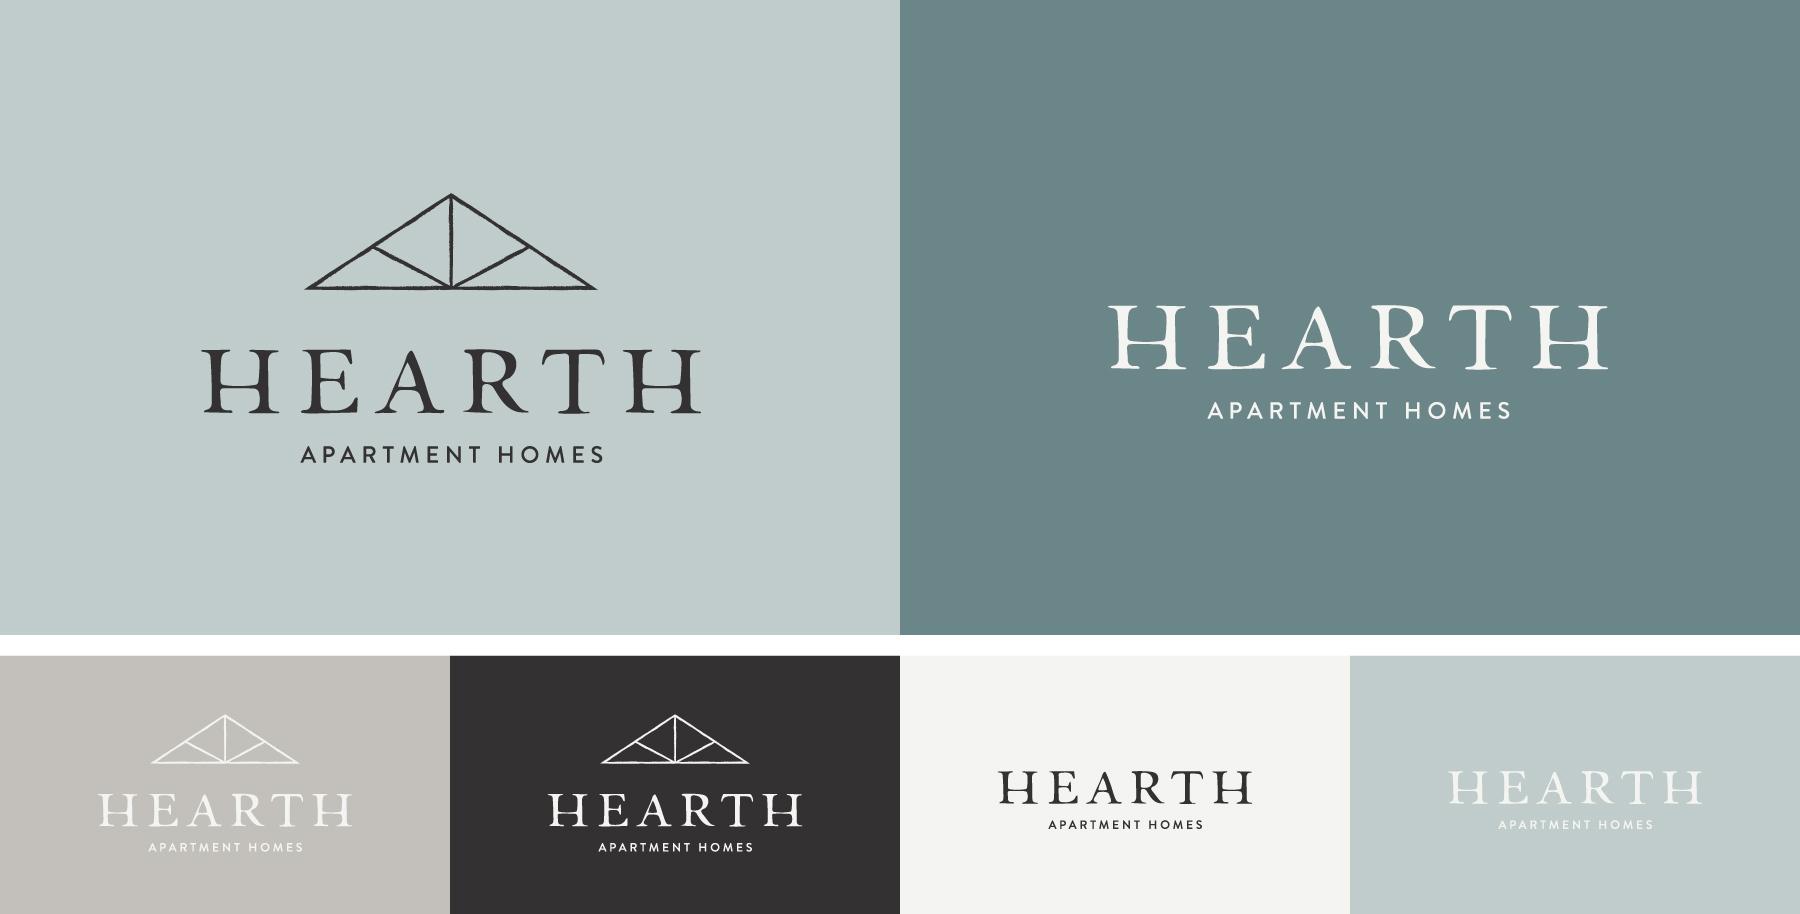 Hearth-Brand-2.jpg